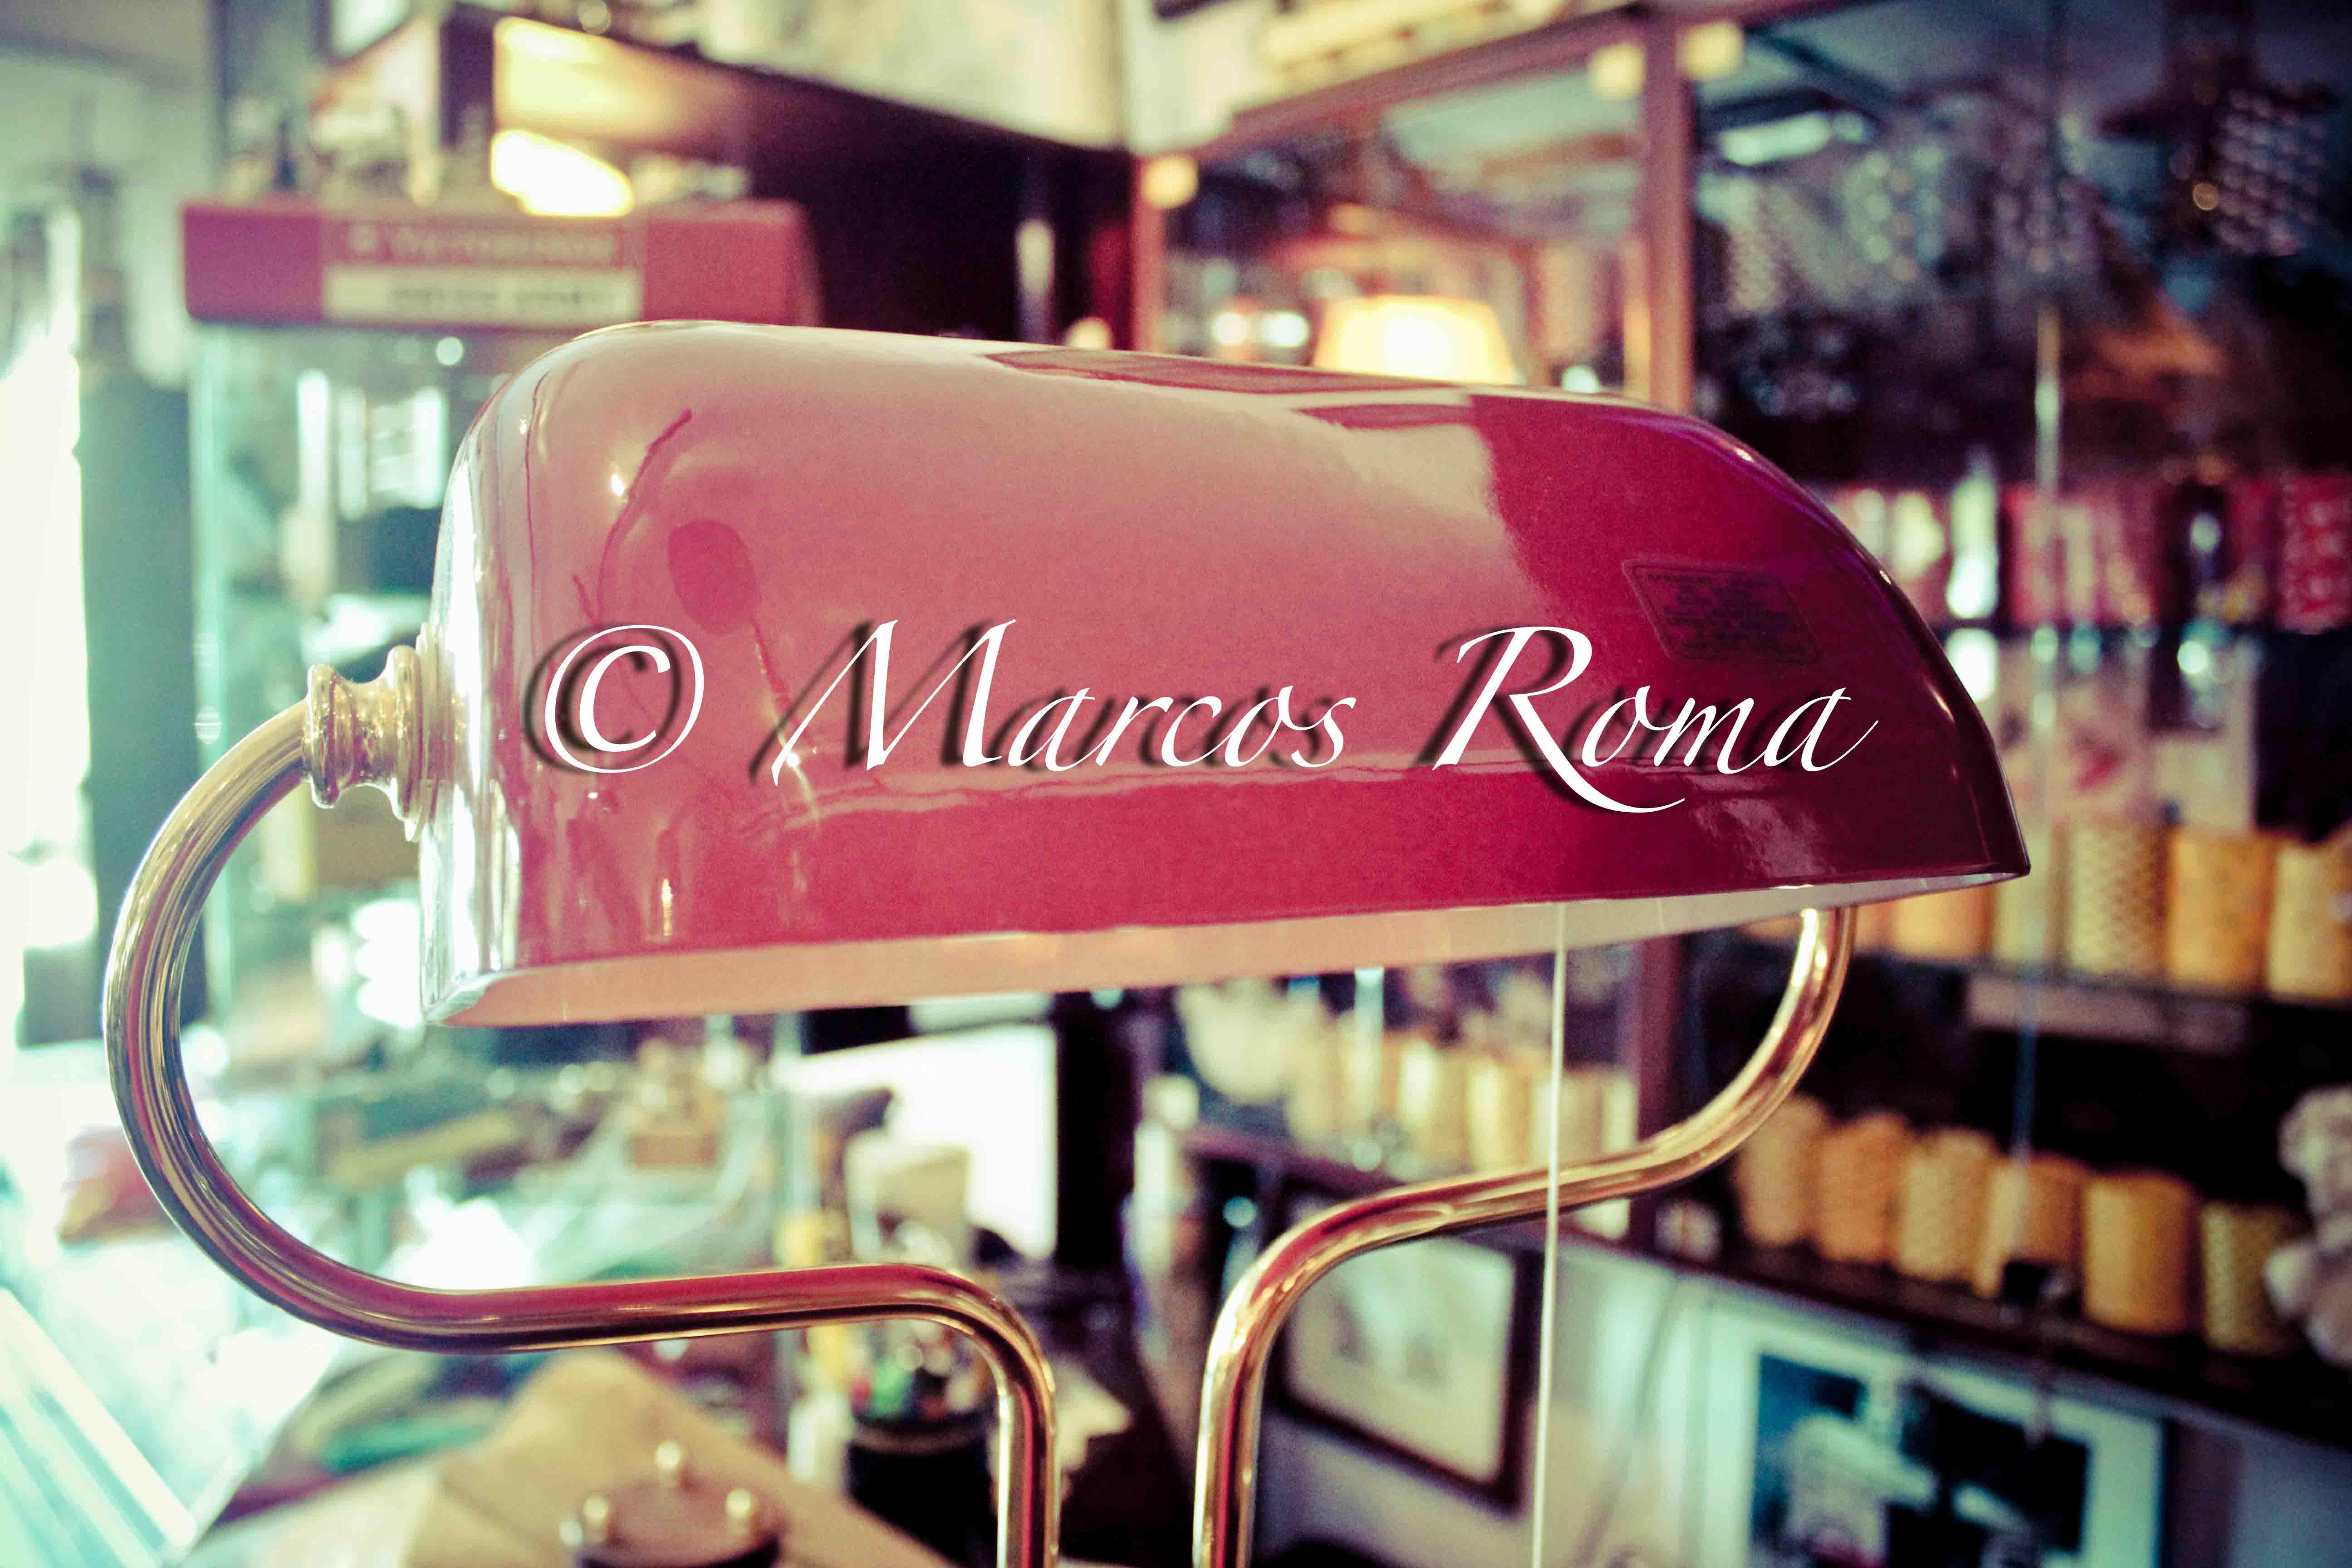 Vetri ricambio lampade Roma